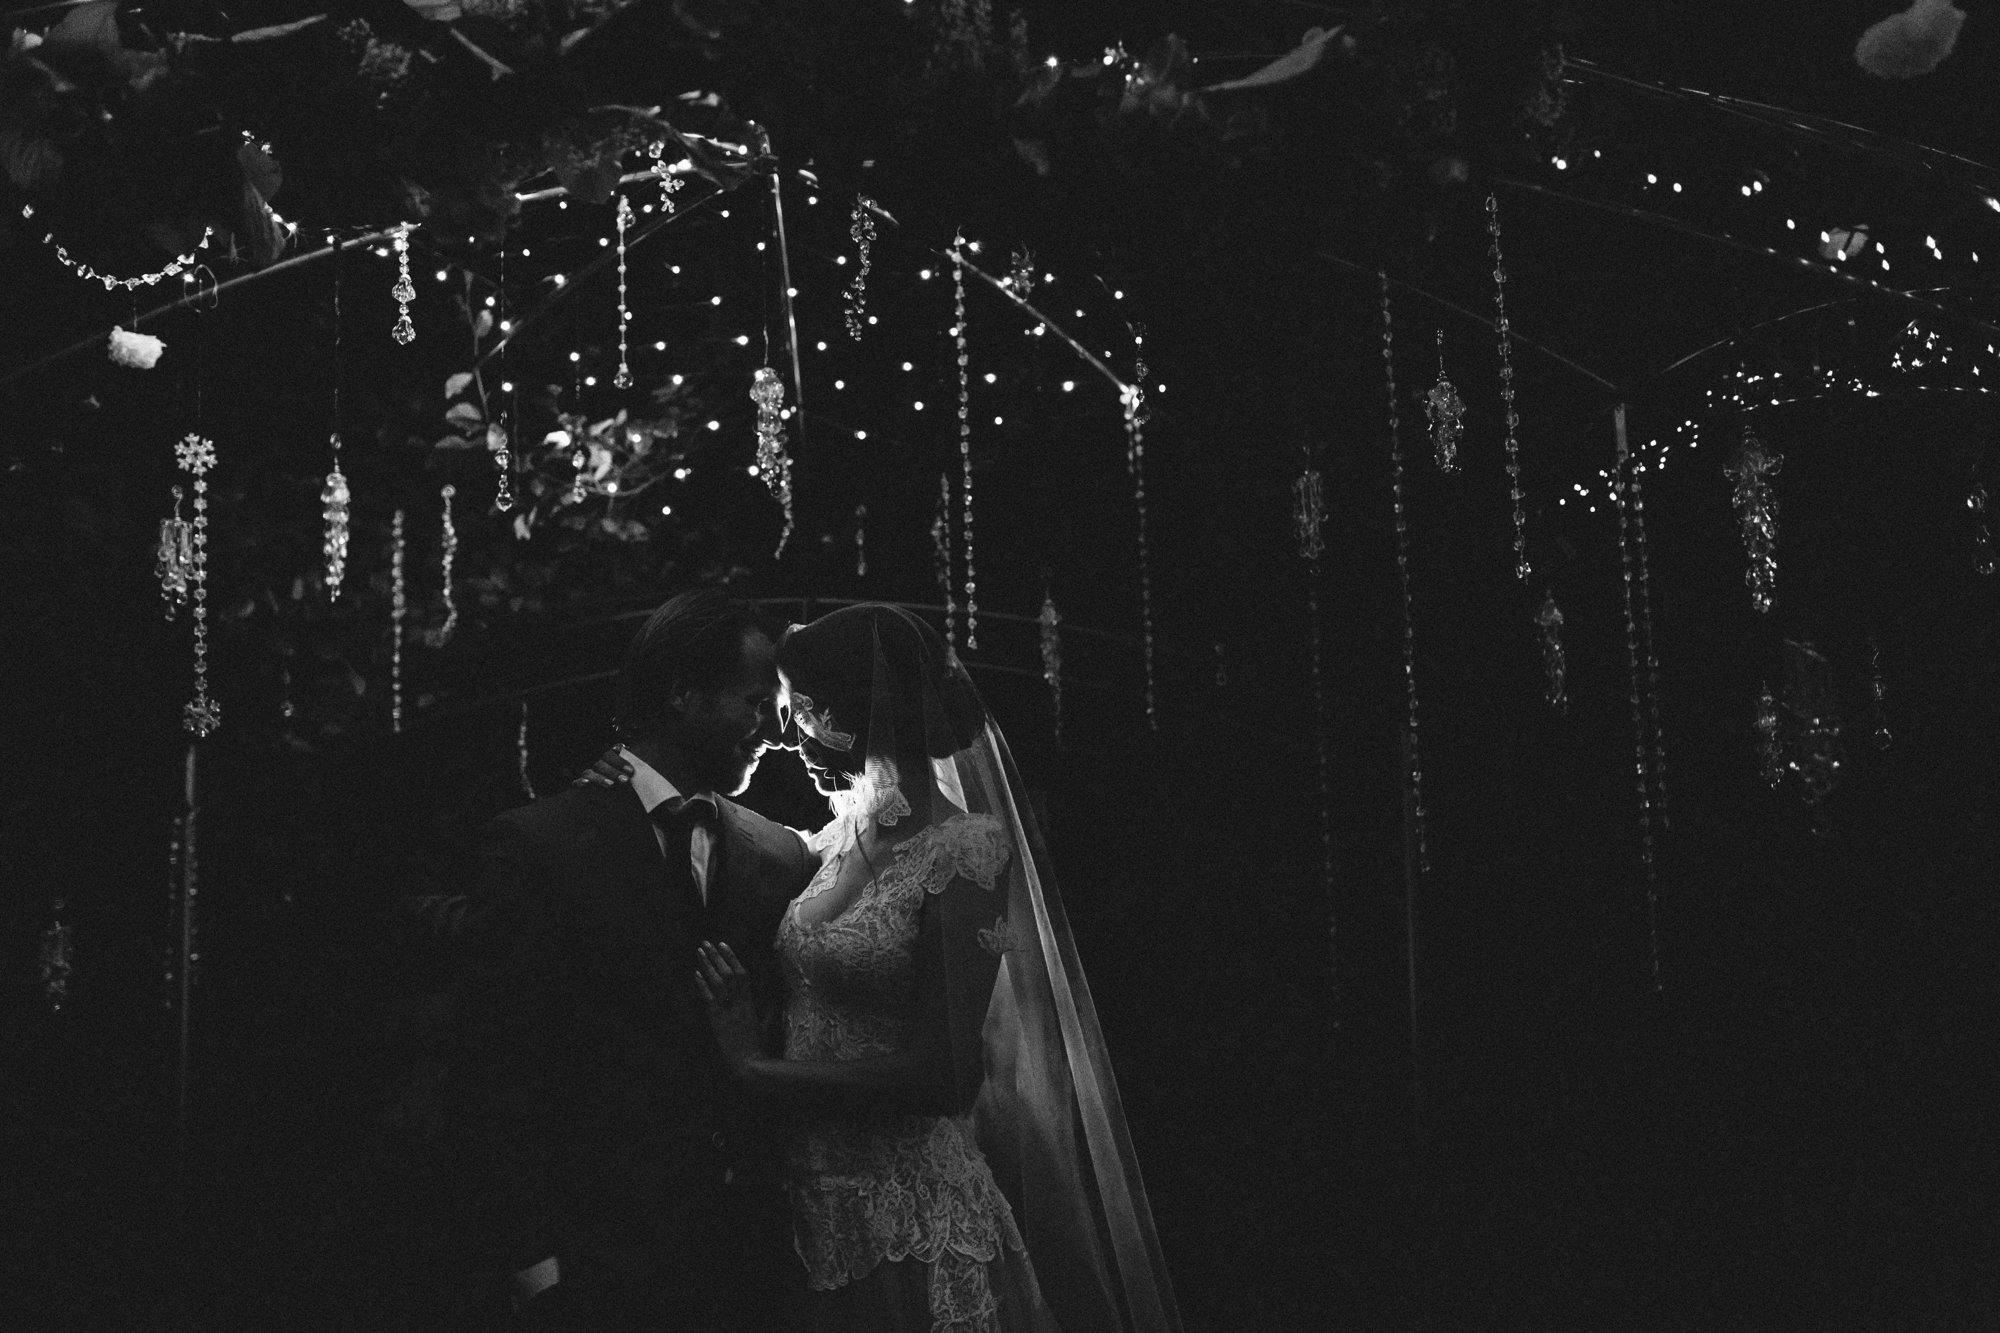 Bohemian bruiloft - trouwen in het bos- Arjen en Paulien_0067.jpg